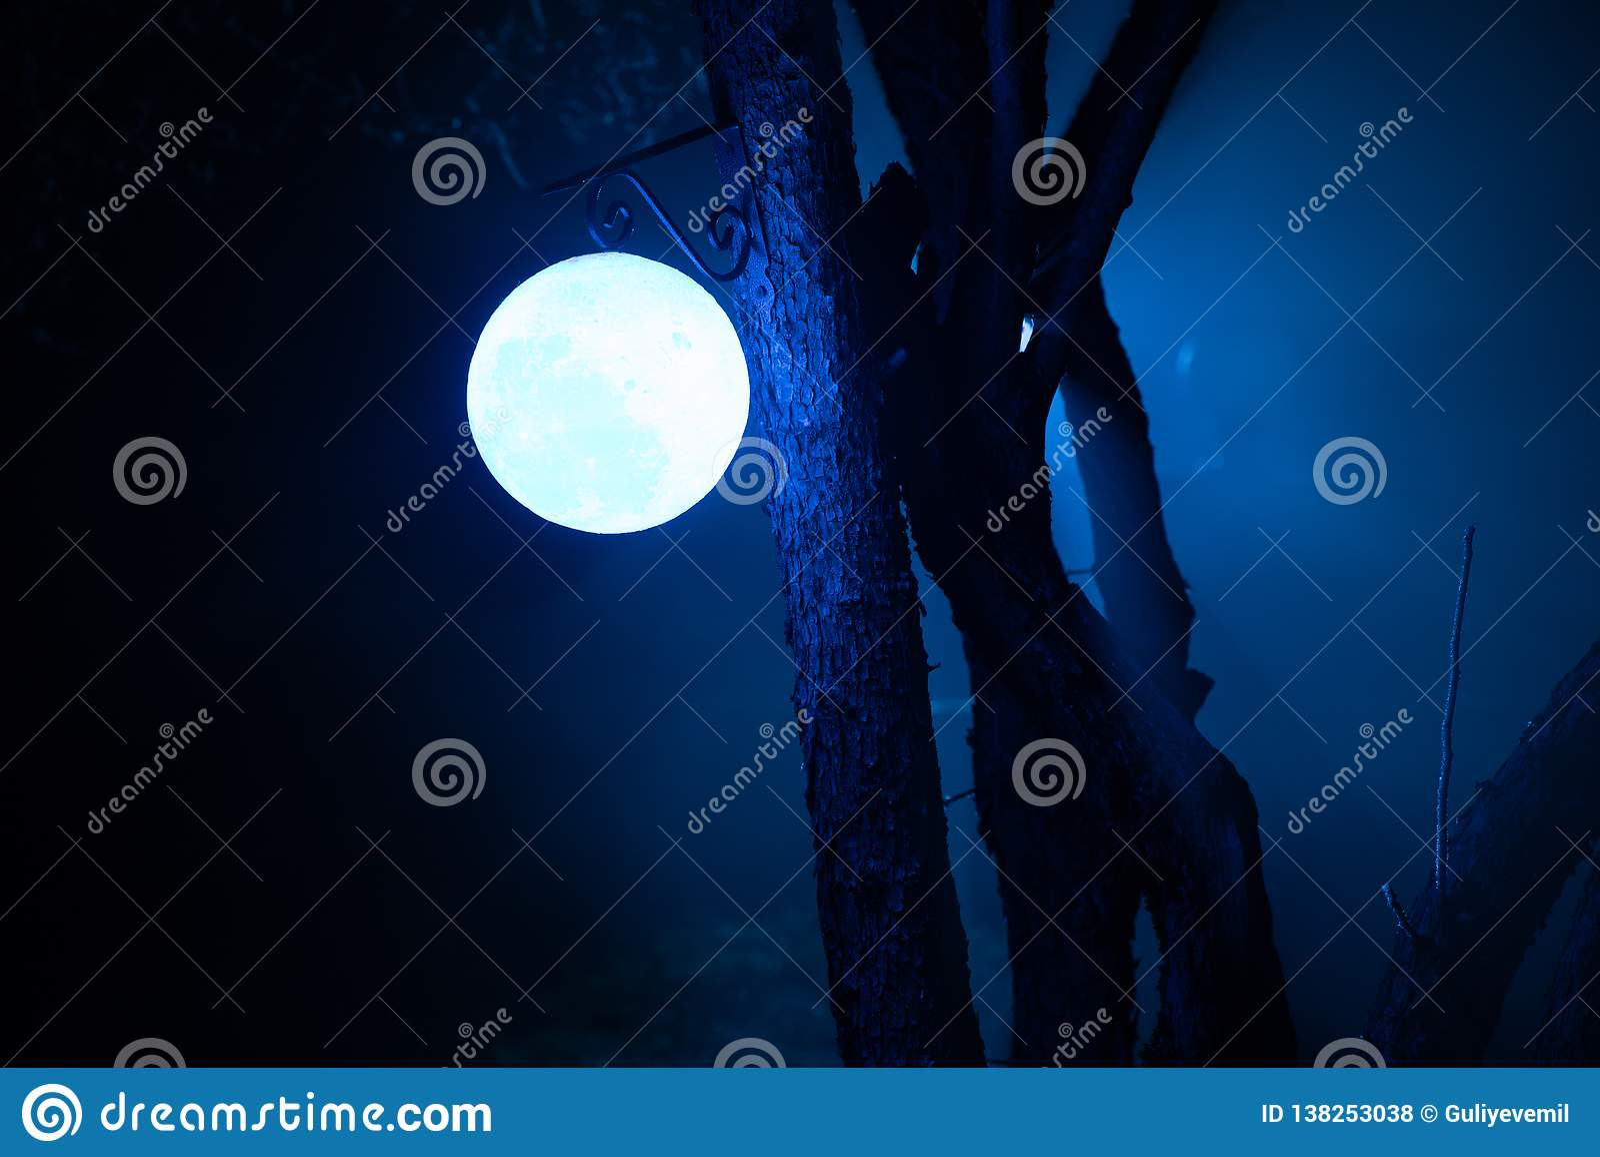 Nebeliges Nachtyard mit hellem Licht auf Hintergrund Laterne, die am Baum hängt